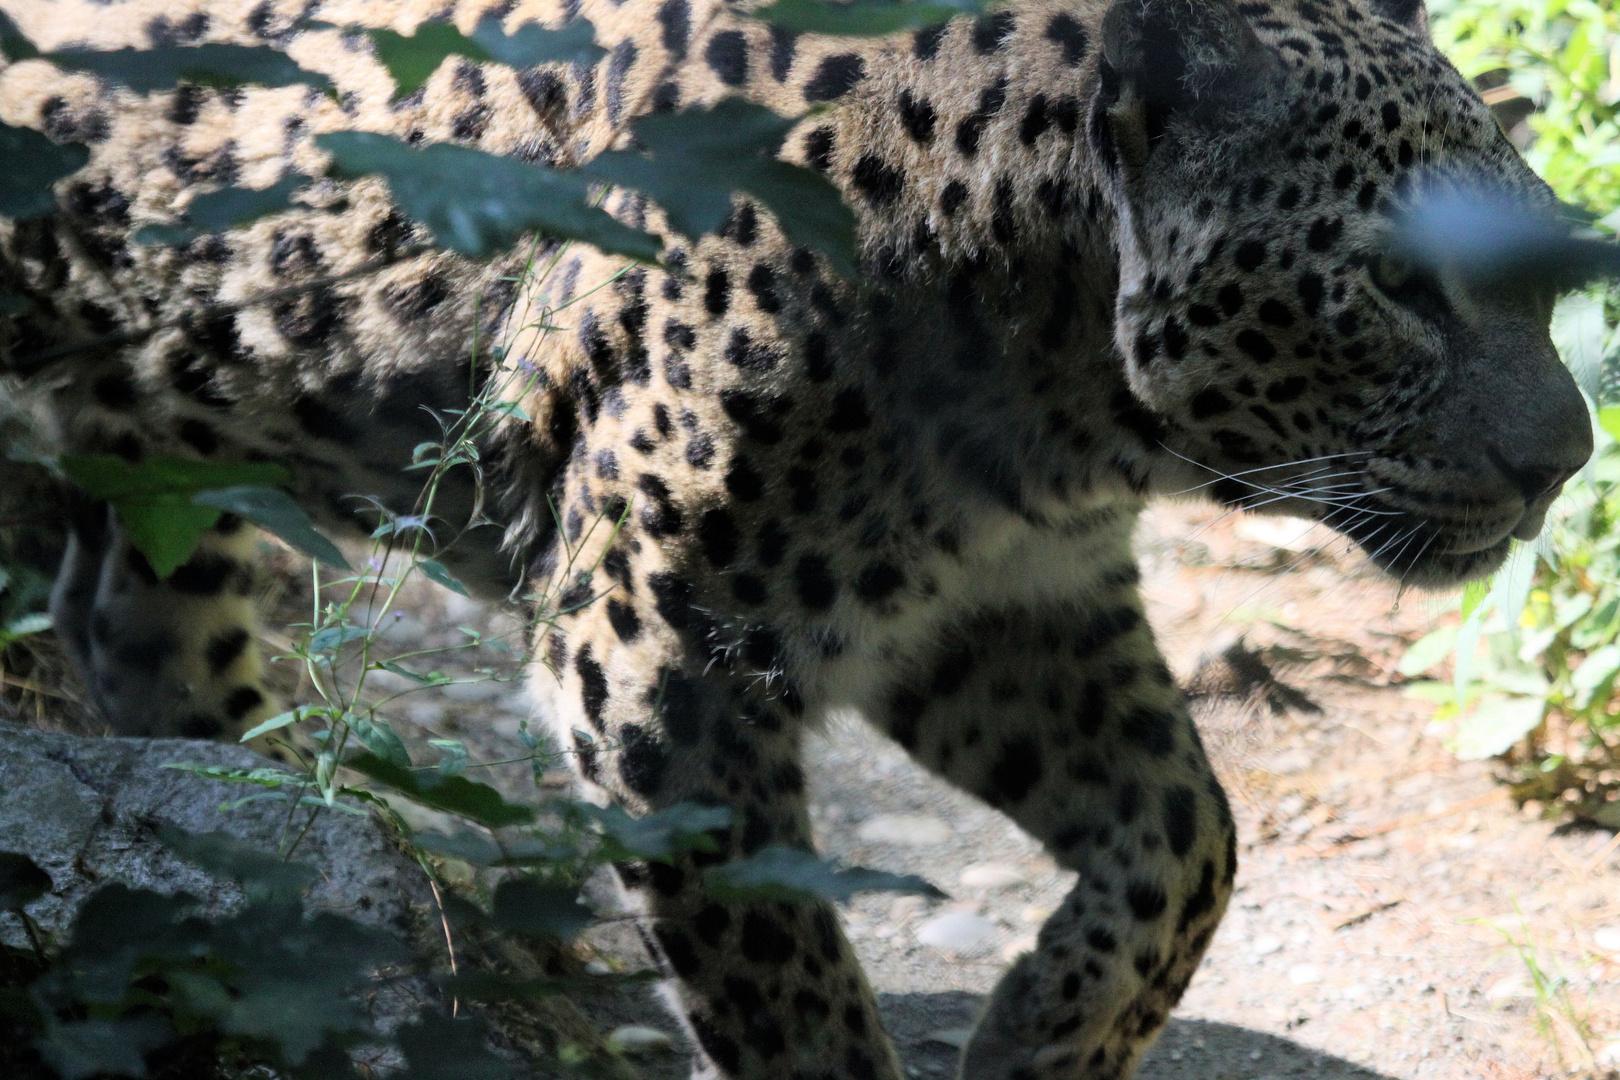 Parc Zoologique & Botanique Mulhouse Alsace, Leopard im Unterholz